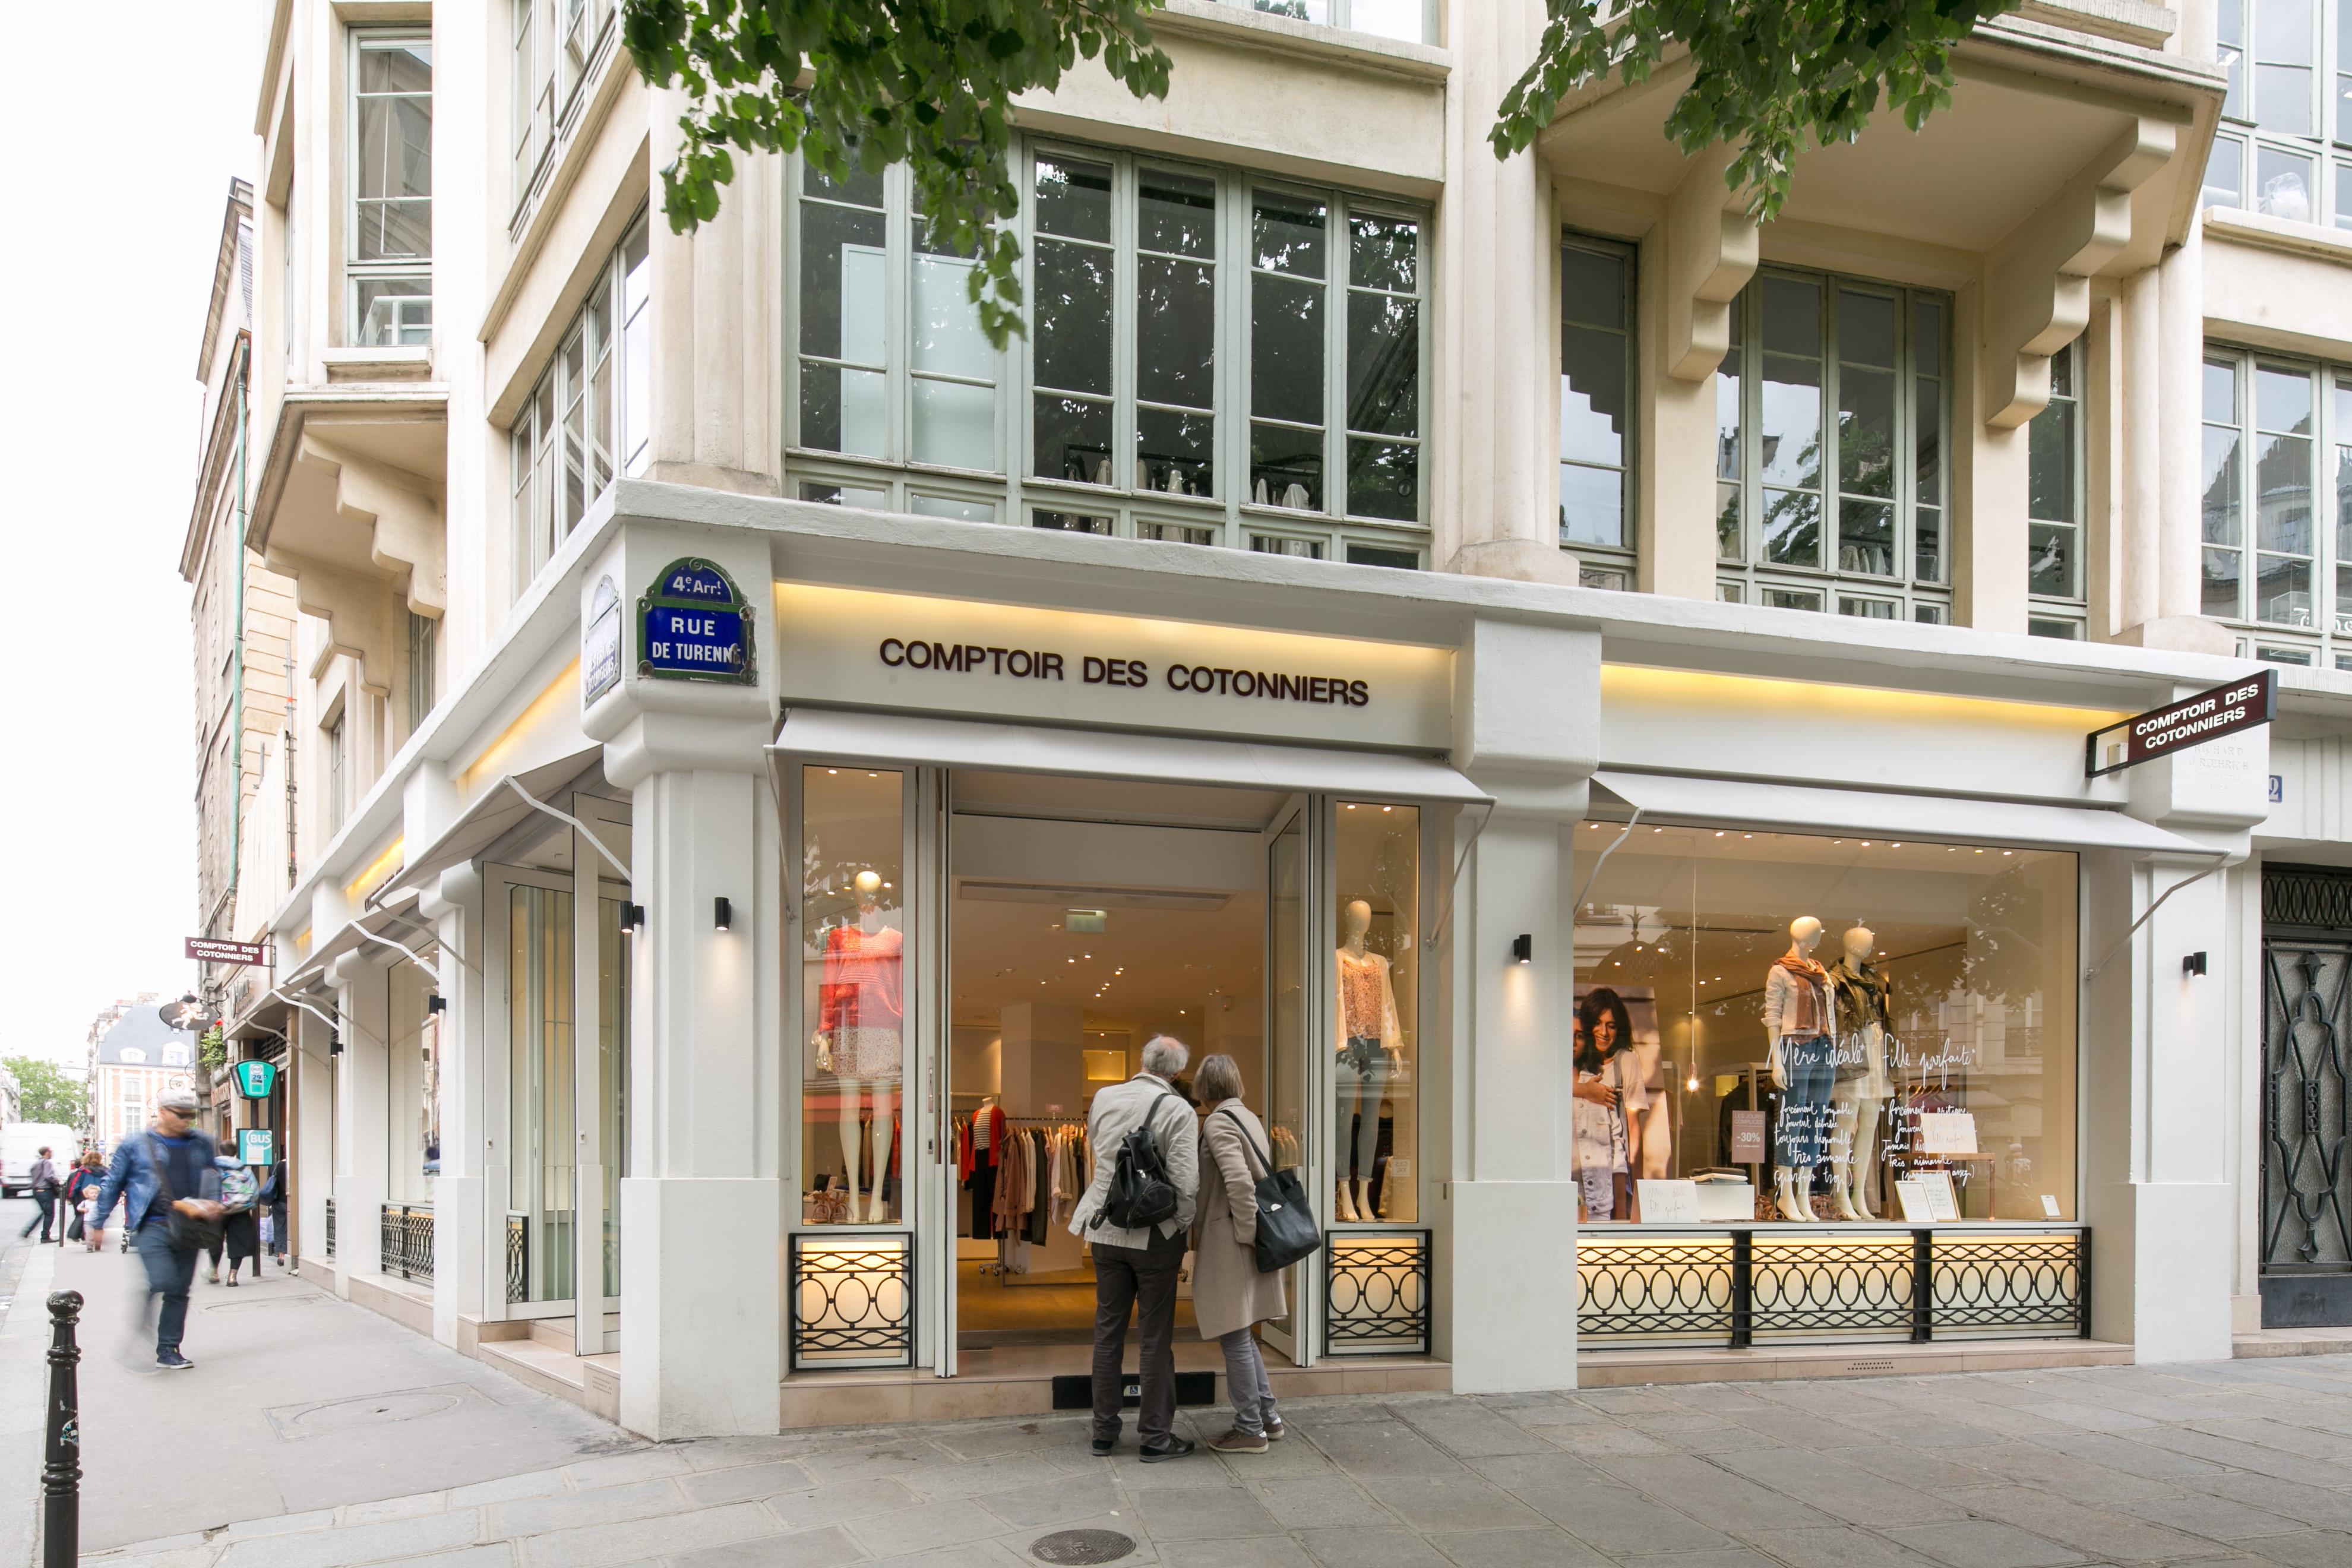 Global brands fast retailing co ltd - Comptoir des cotonniers place des vosges ...